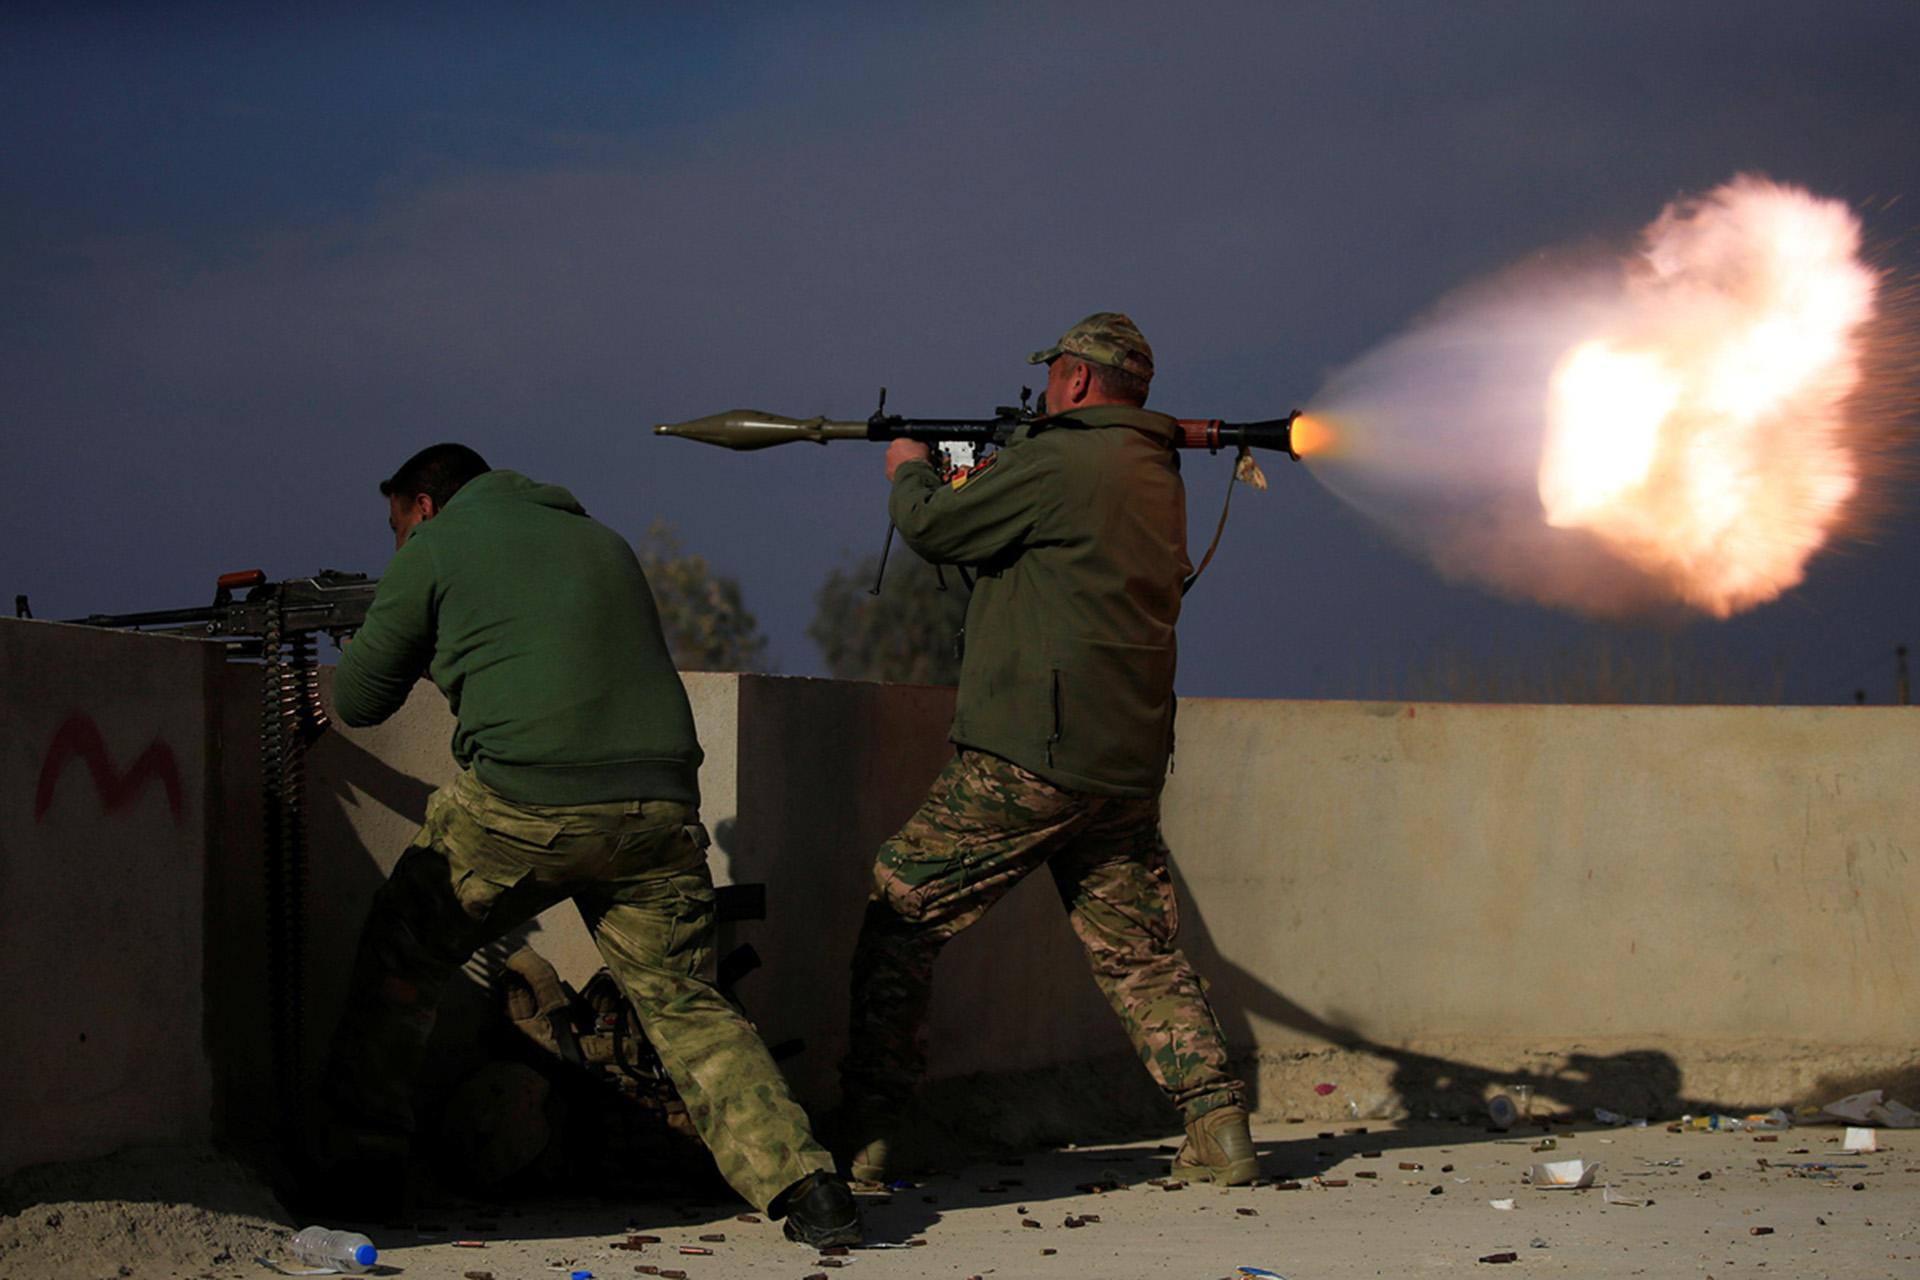 Un soldado iraquí dispara un misil RPG y otro opera una ametralladora desde el techo de ua casa en Mosul (Reuters)